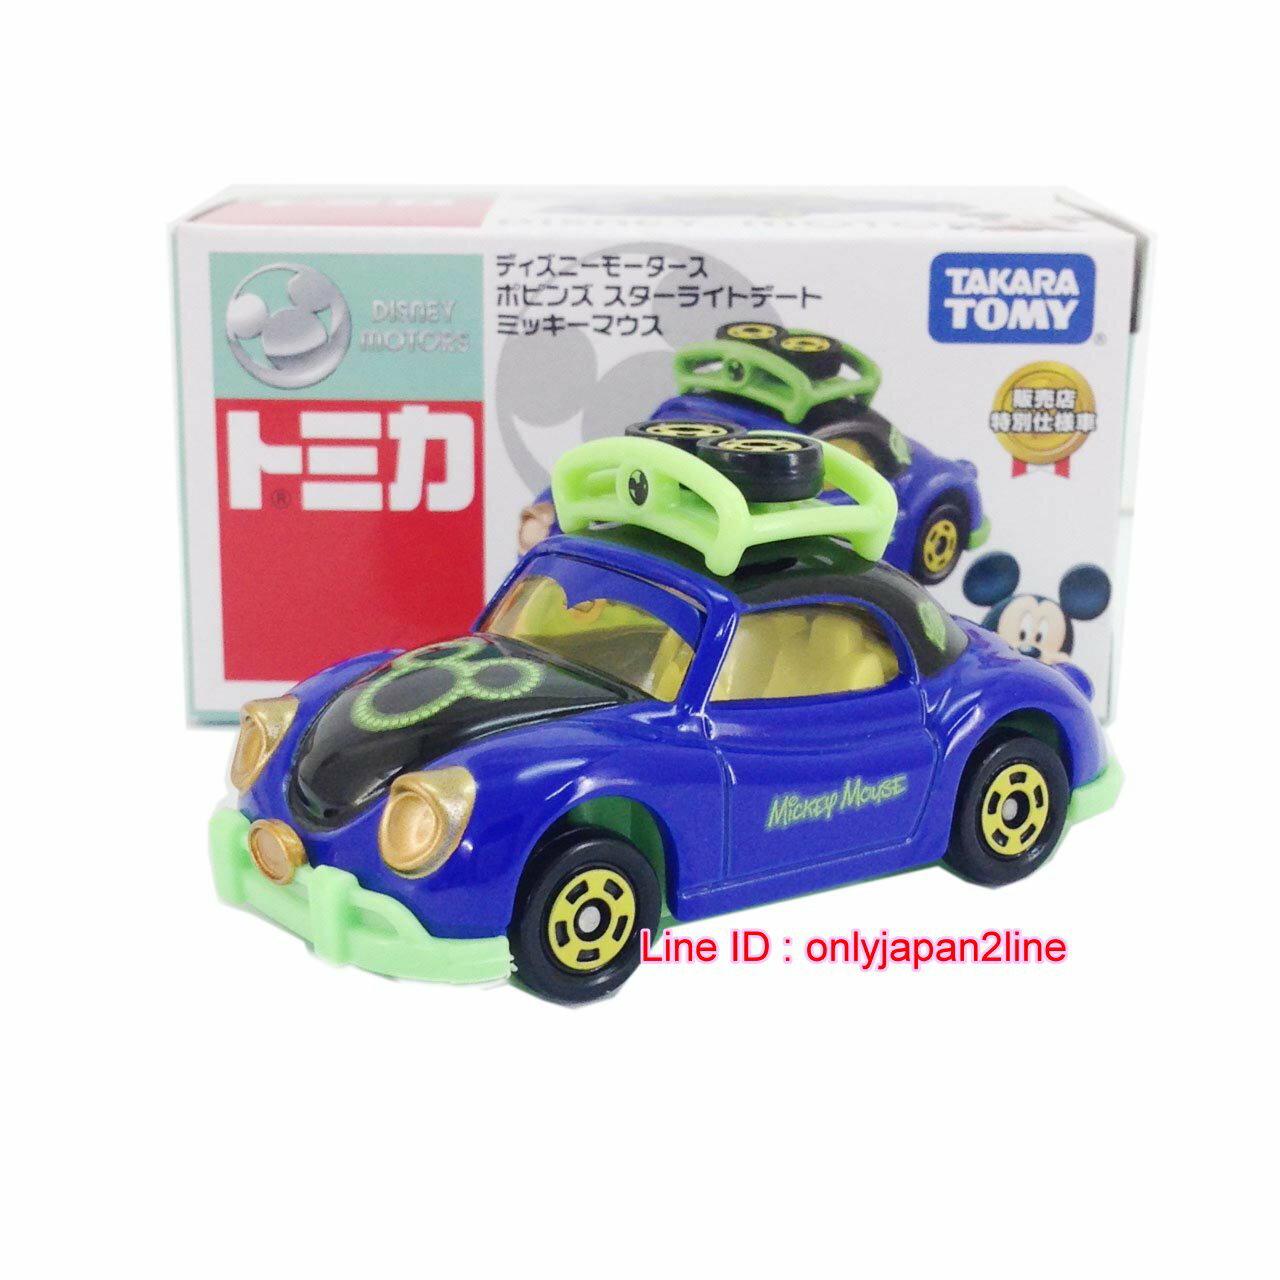 【真愛日本】16101900002TOMY特別仕樣車-萬聖節米奇   迪士尼 米老鼠米奇 米妮    多美小汽車 萬聖節限定款